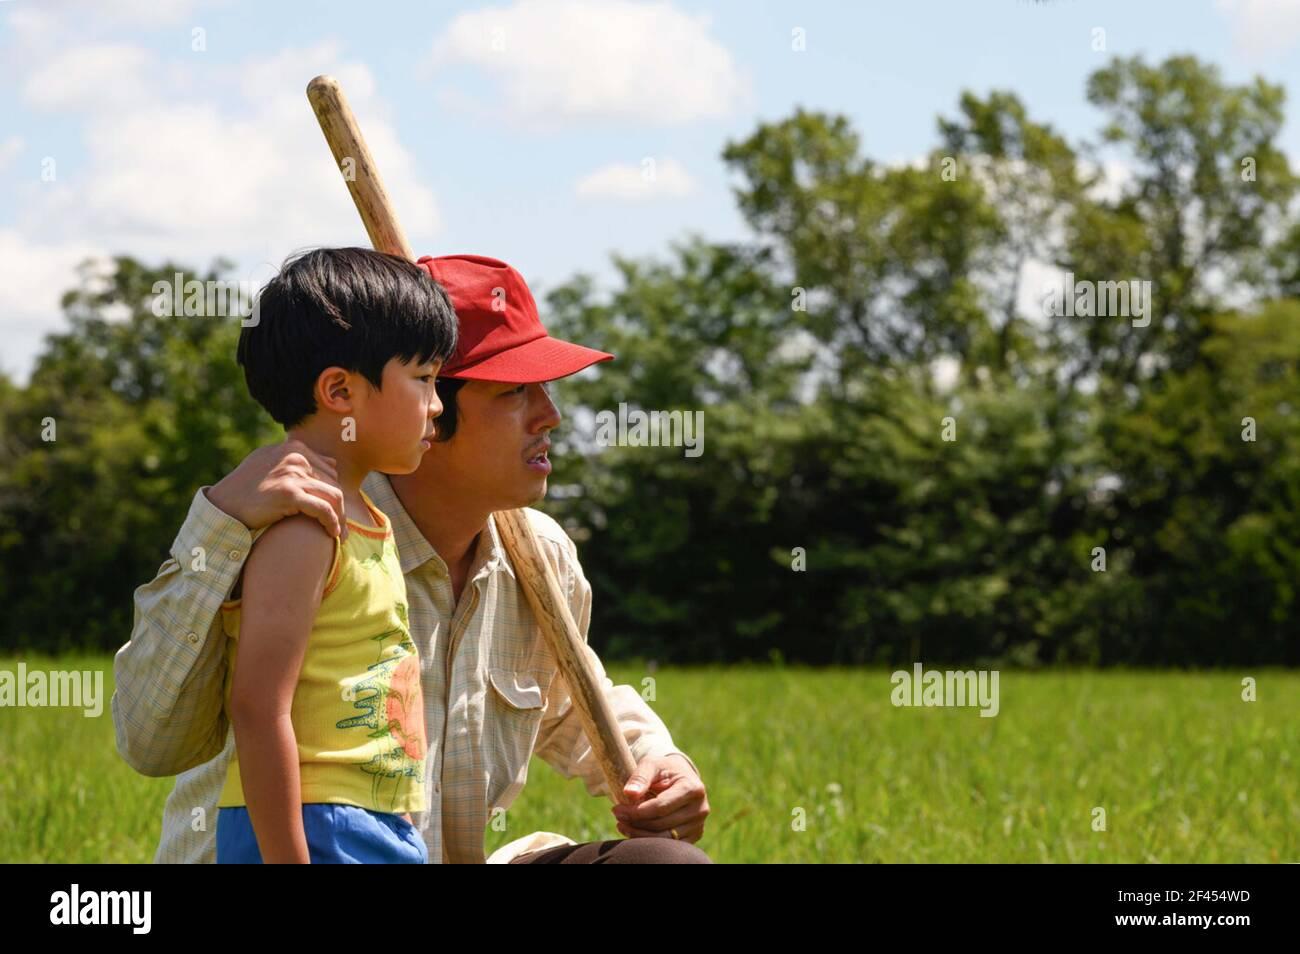 MINARI (2020) ALAN S KIM STEVEN YEUN LEE ISAAC CHUNG (DIR) A24/MOVIESTORE COLLECTION LTD Stockfoto